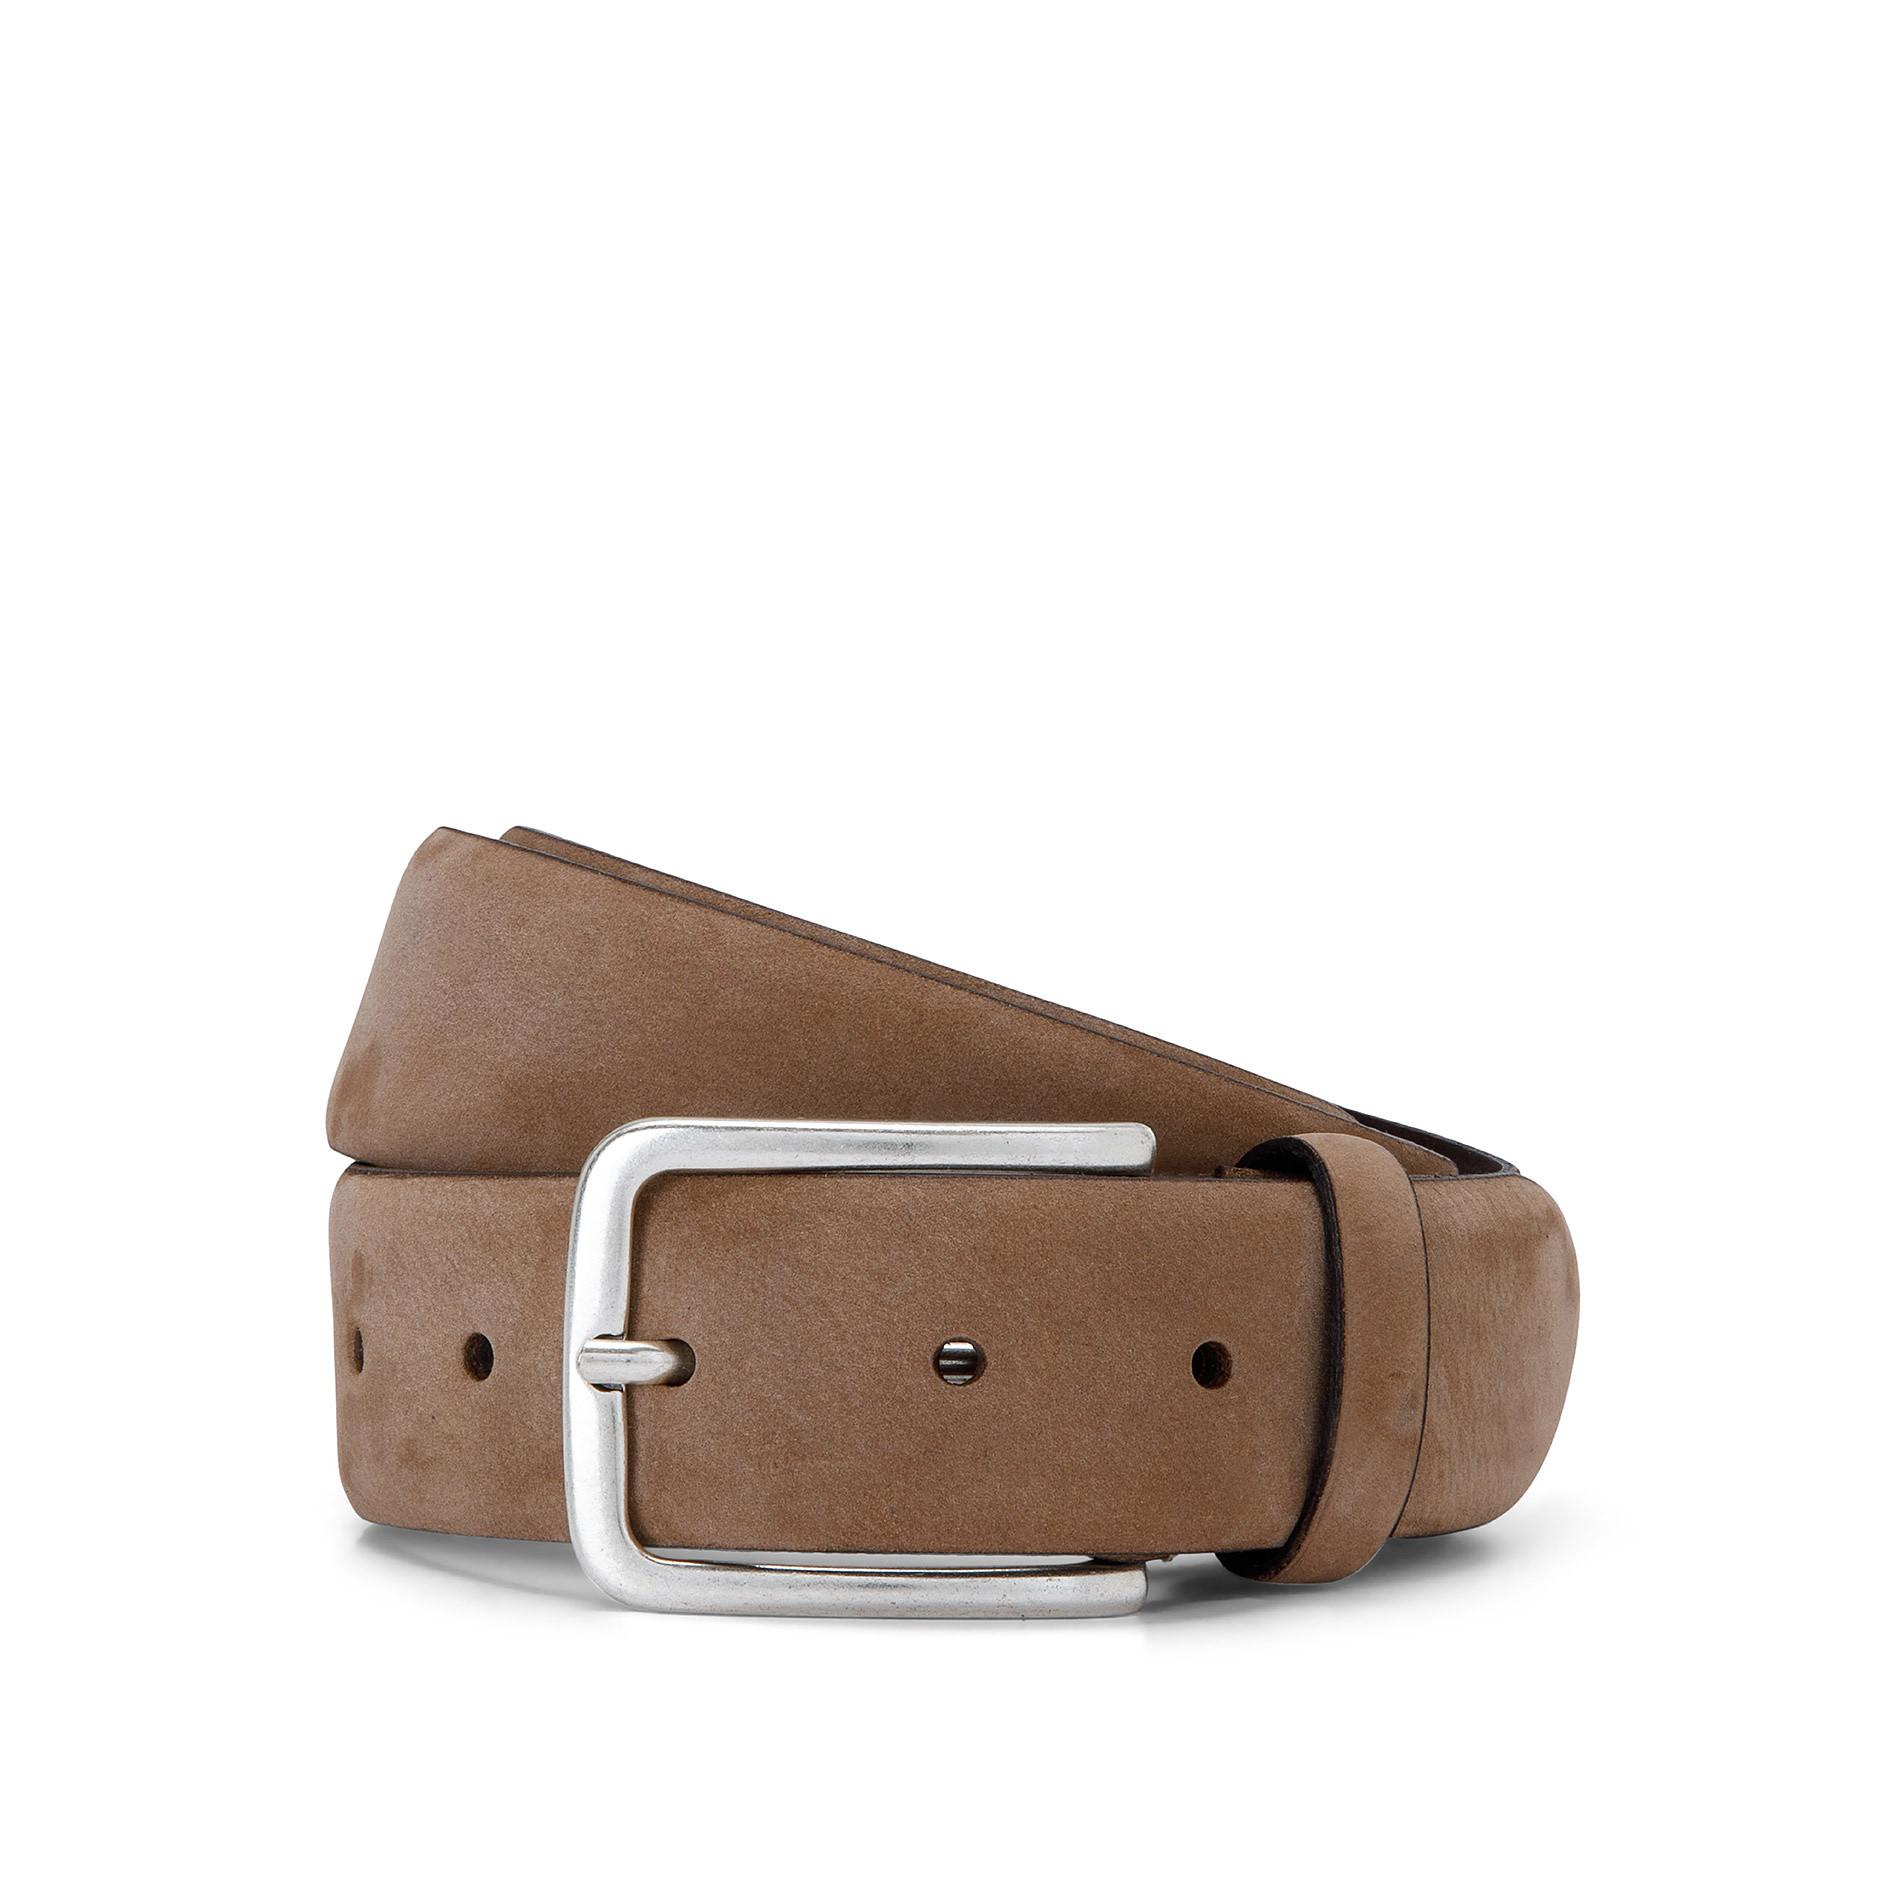 Cintura vera pelle Luca D'Altieri, Beige scuro, large image number 0